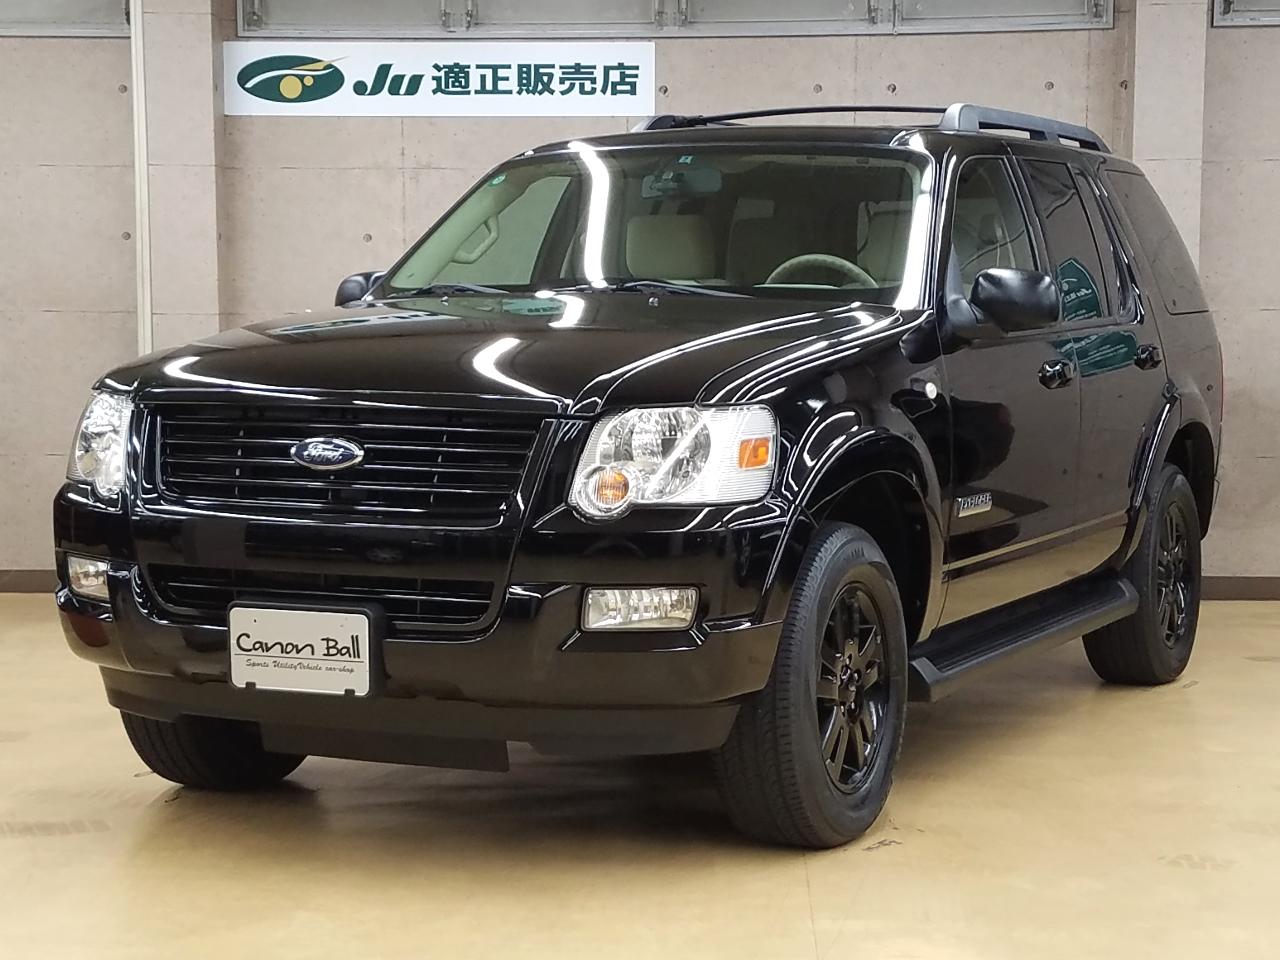 XLT Newブラックフルカラーボディ ベージュ内装 ビルトインHDDナビ一体機 【2009年登録車】